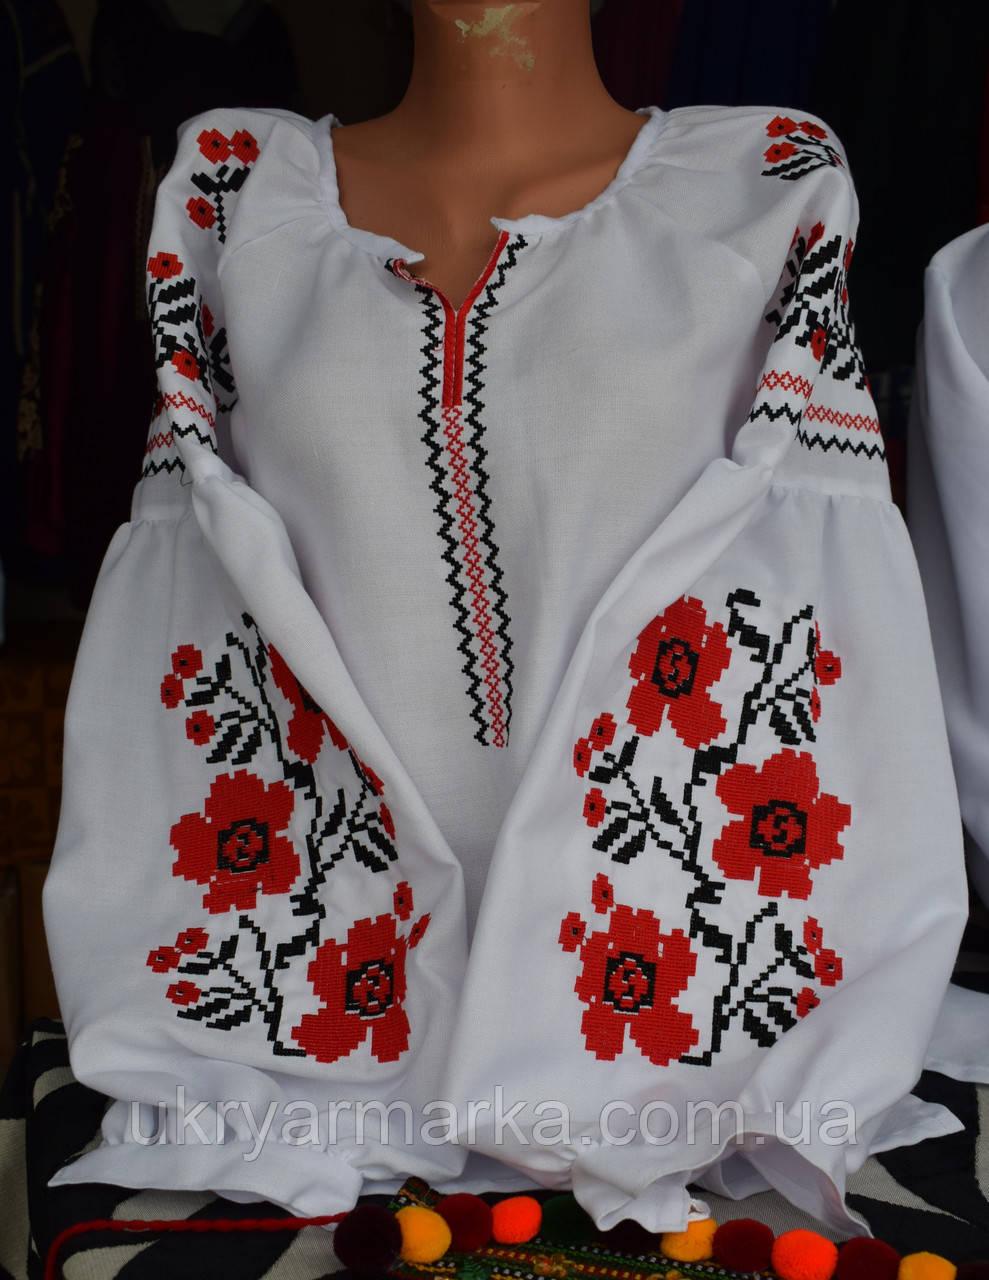 """Вишита жіноча сорочка в стилі бохо """"Черлена квітка"""""""